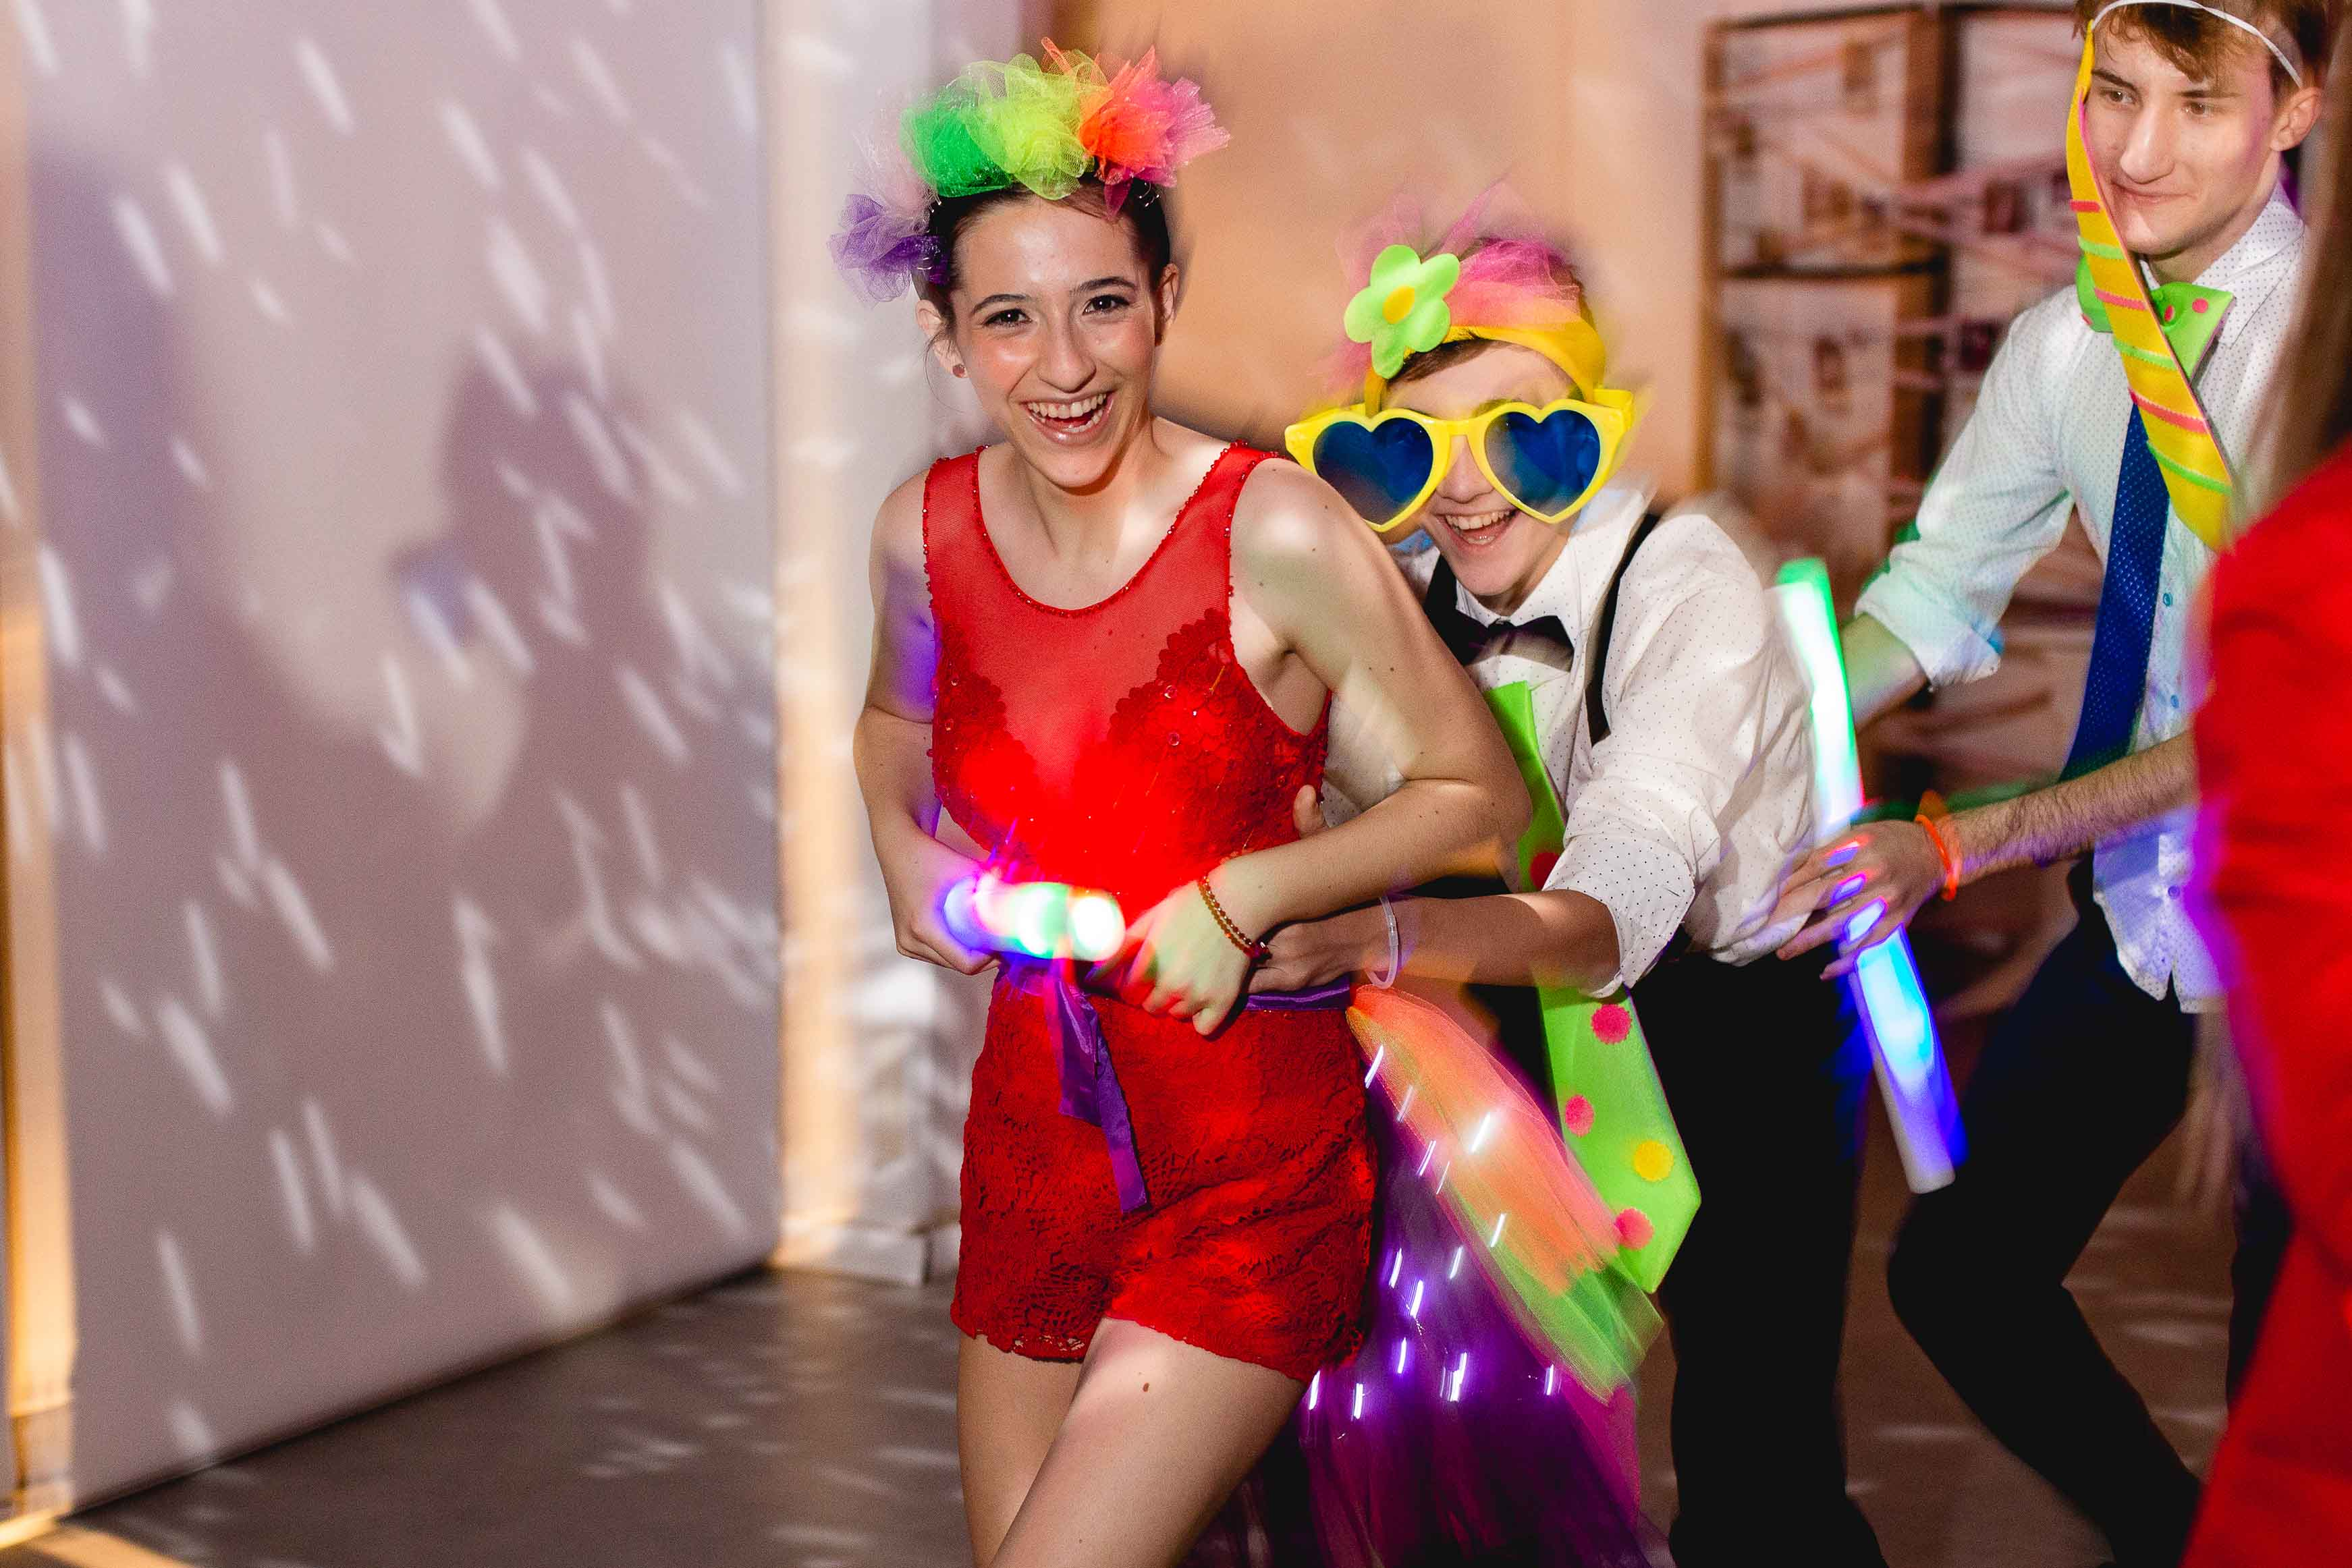 Fotos de la fiesta de quince años de Euge en Rosario realizadas por Bucle Fotografias Flor Bosio y Caro Clerici